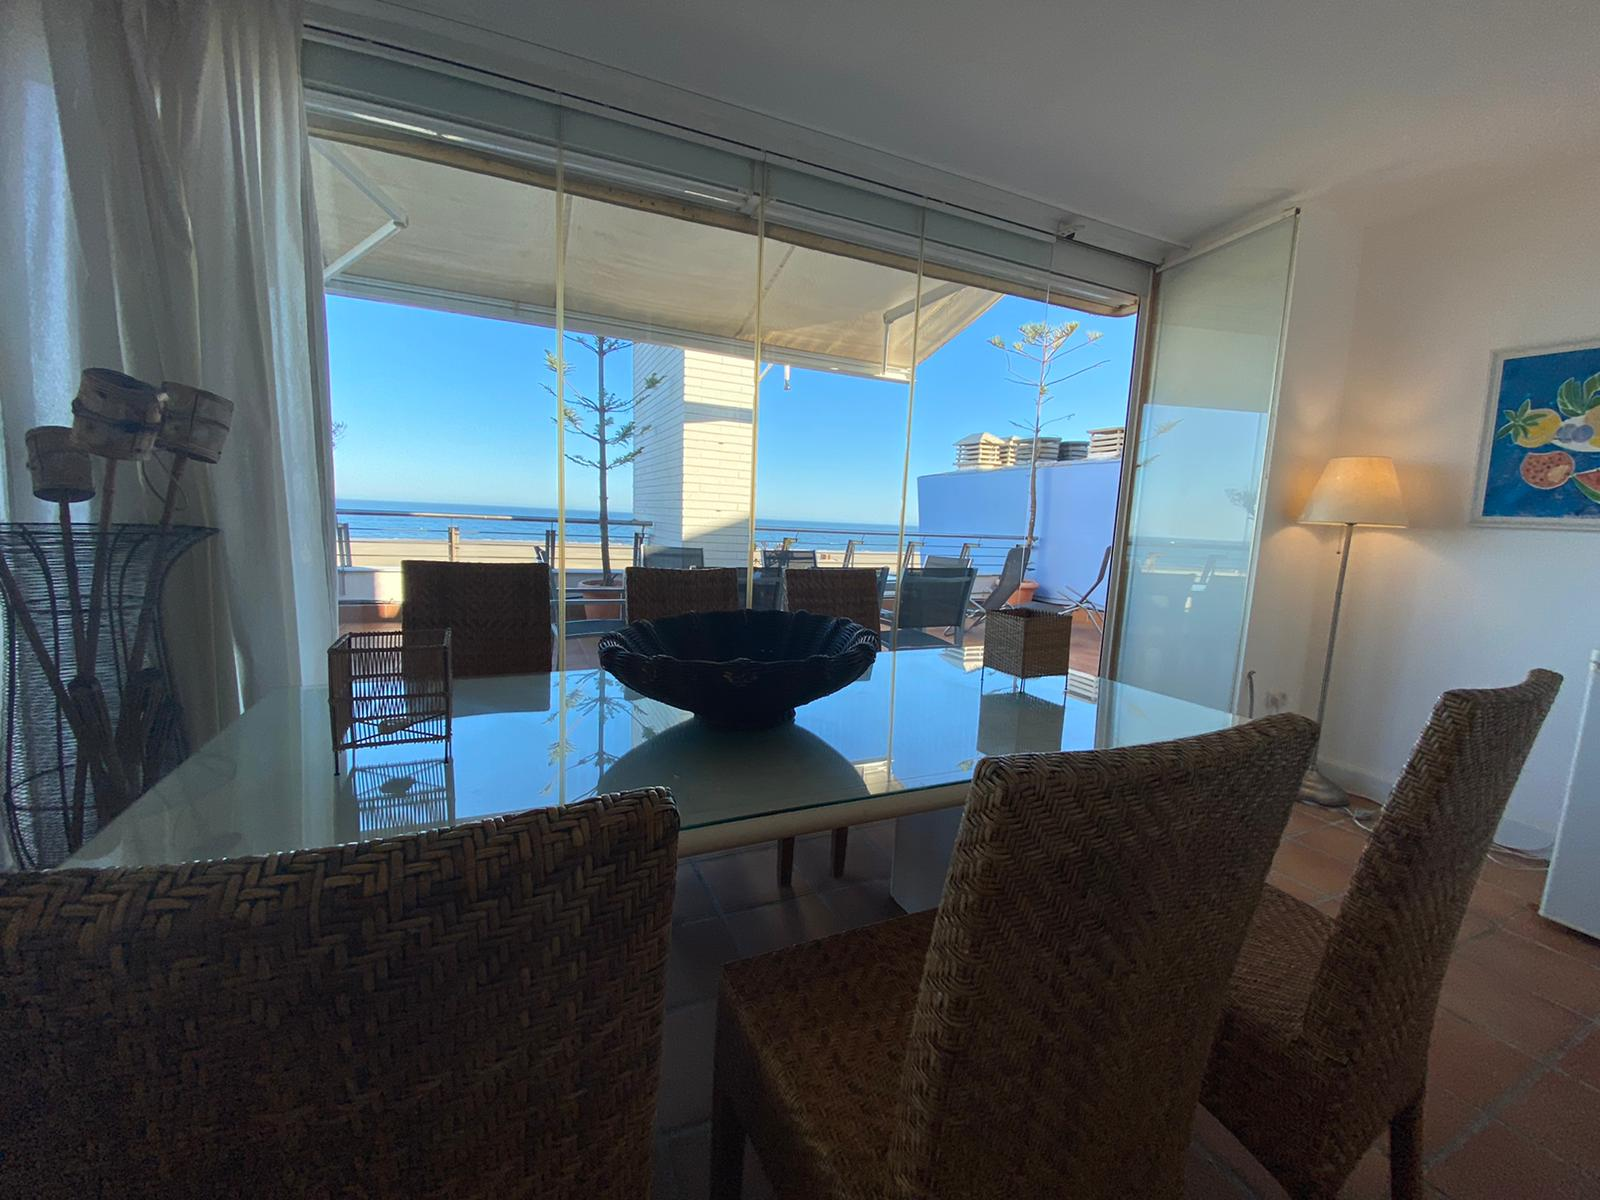 Imagen 48 del Apartamento Turístico, Ático 4 Levante, Frontal (4d+2b), Punta del Moral (HUELVA), Paseo de la Cruz nº22